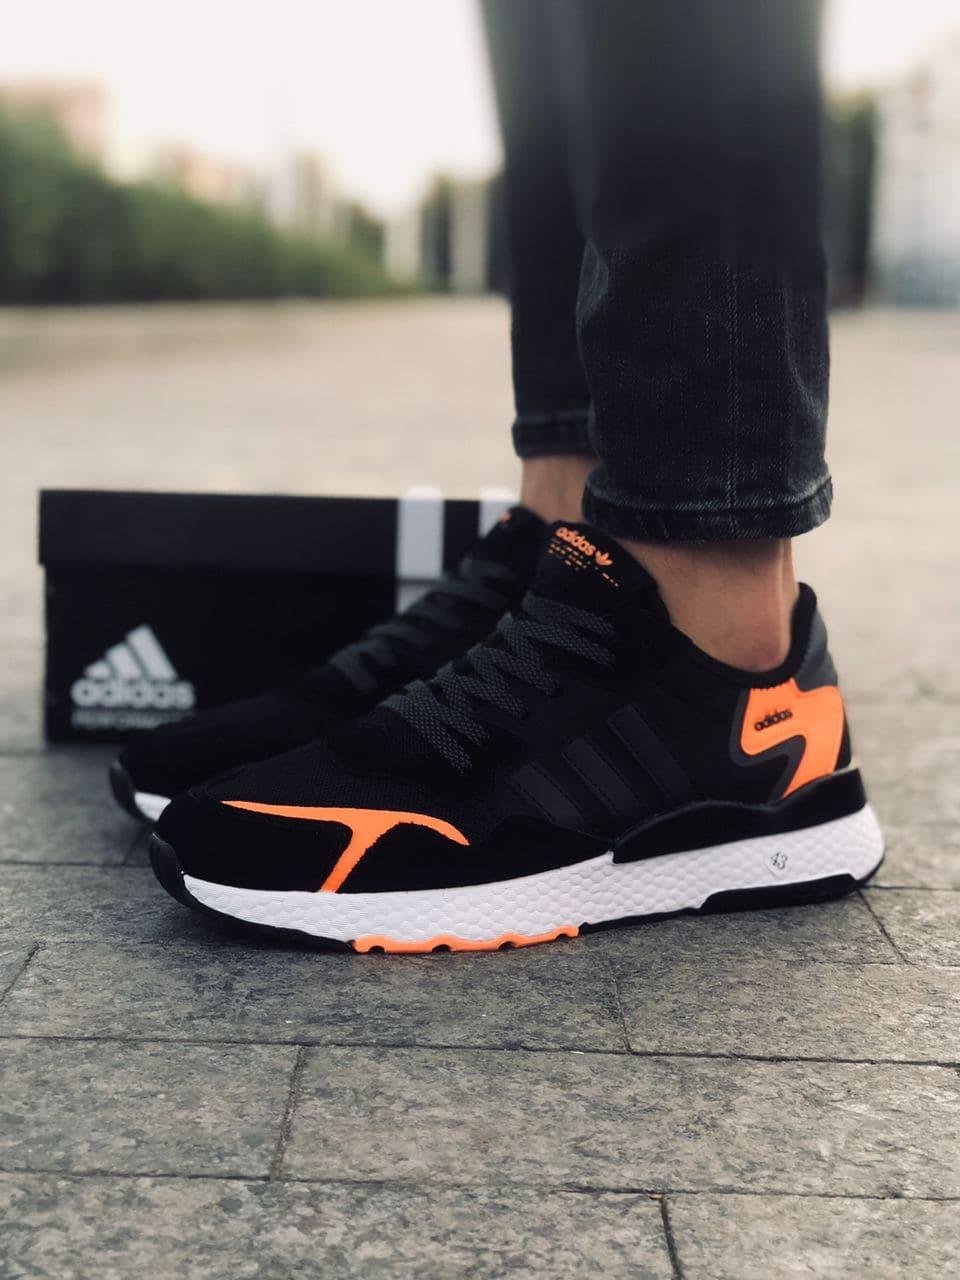 Мужские кроссовки Adid@s Nite Jogge  , черные с серым